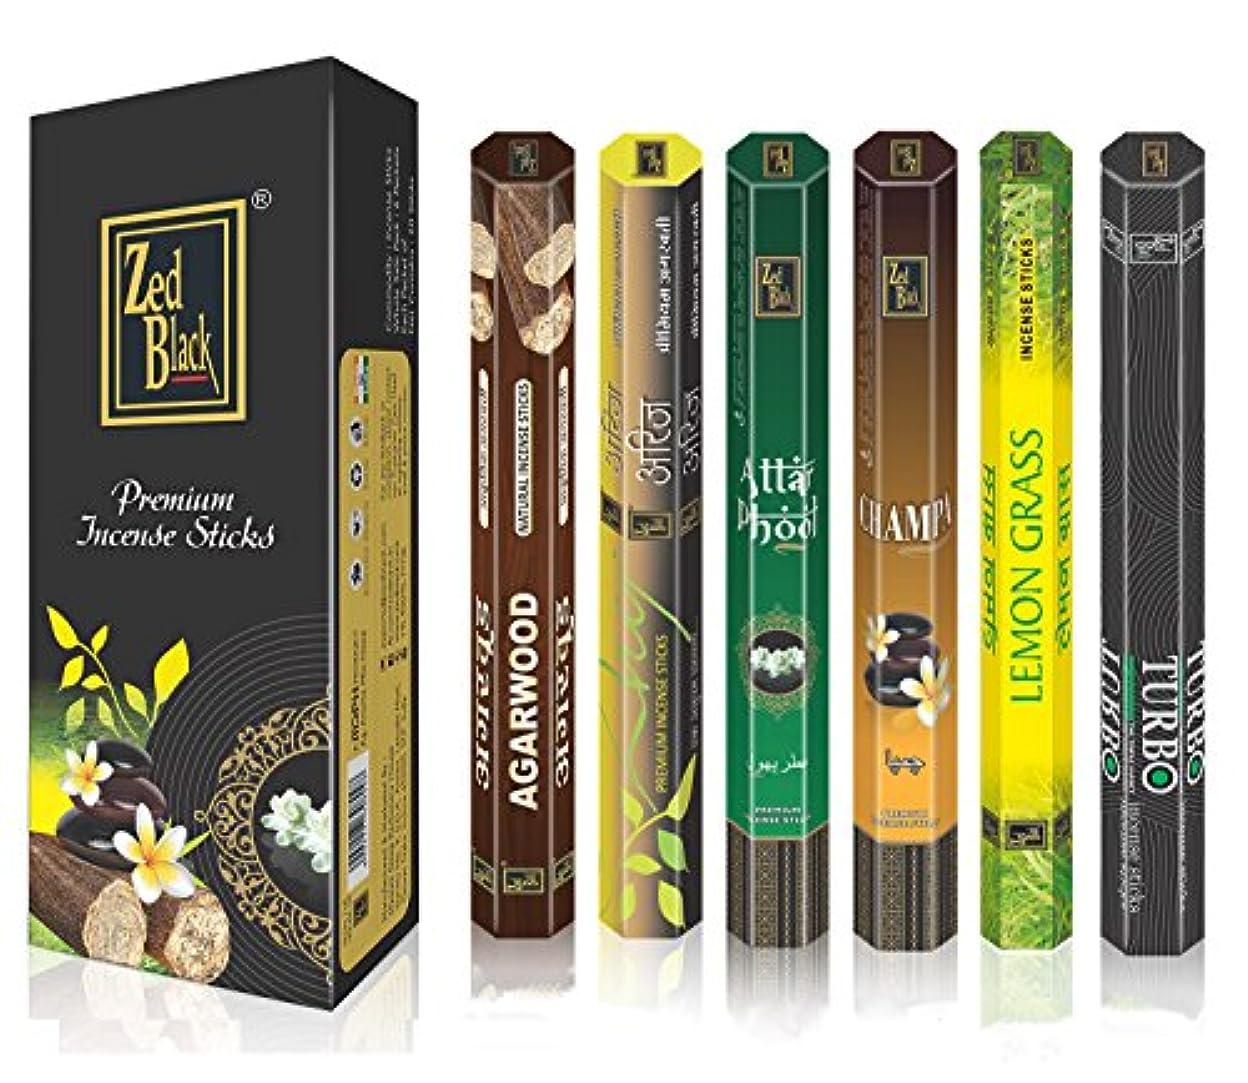 AromaプレミアムFragrance Sticks – パックof 6 – Serene and Enthralling 120 Incense Sticks – Feel The natural fragrances...